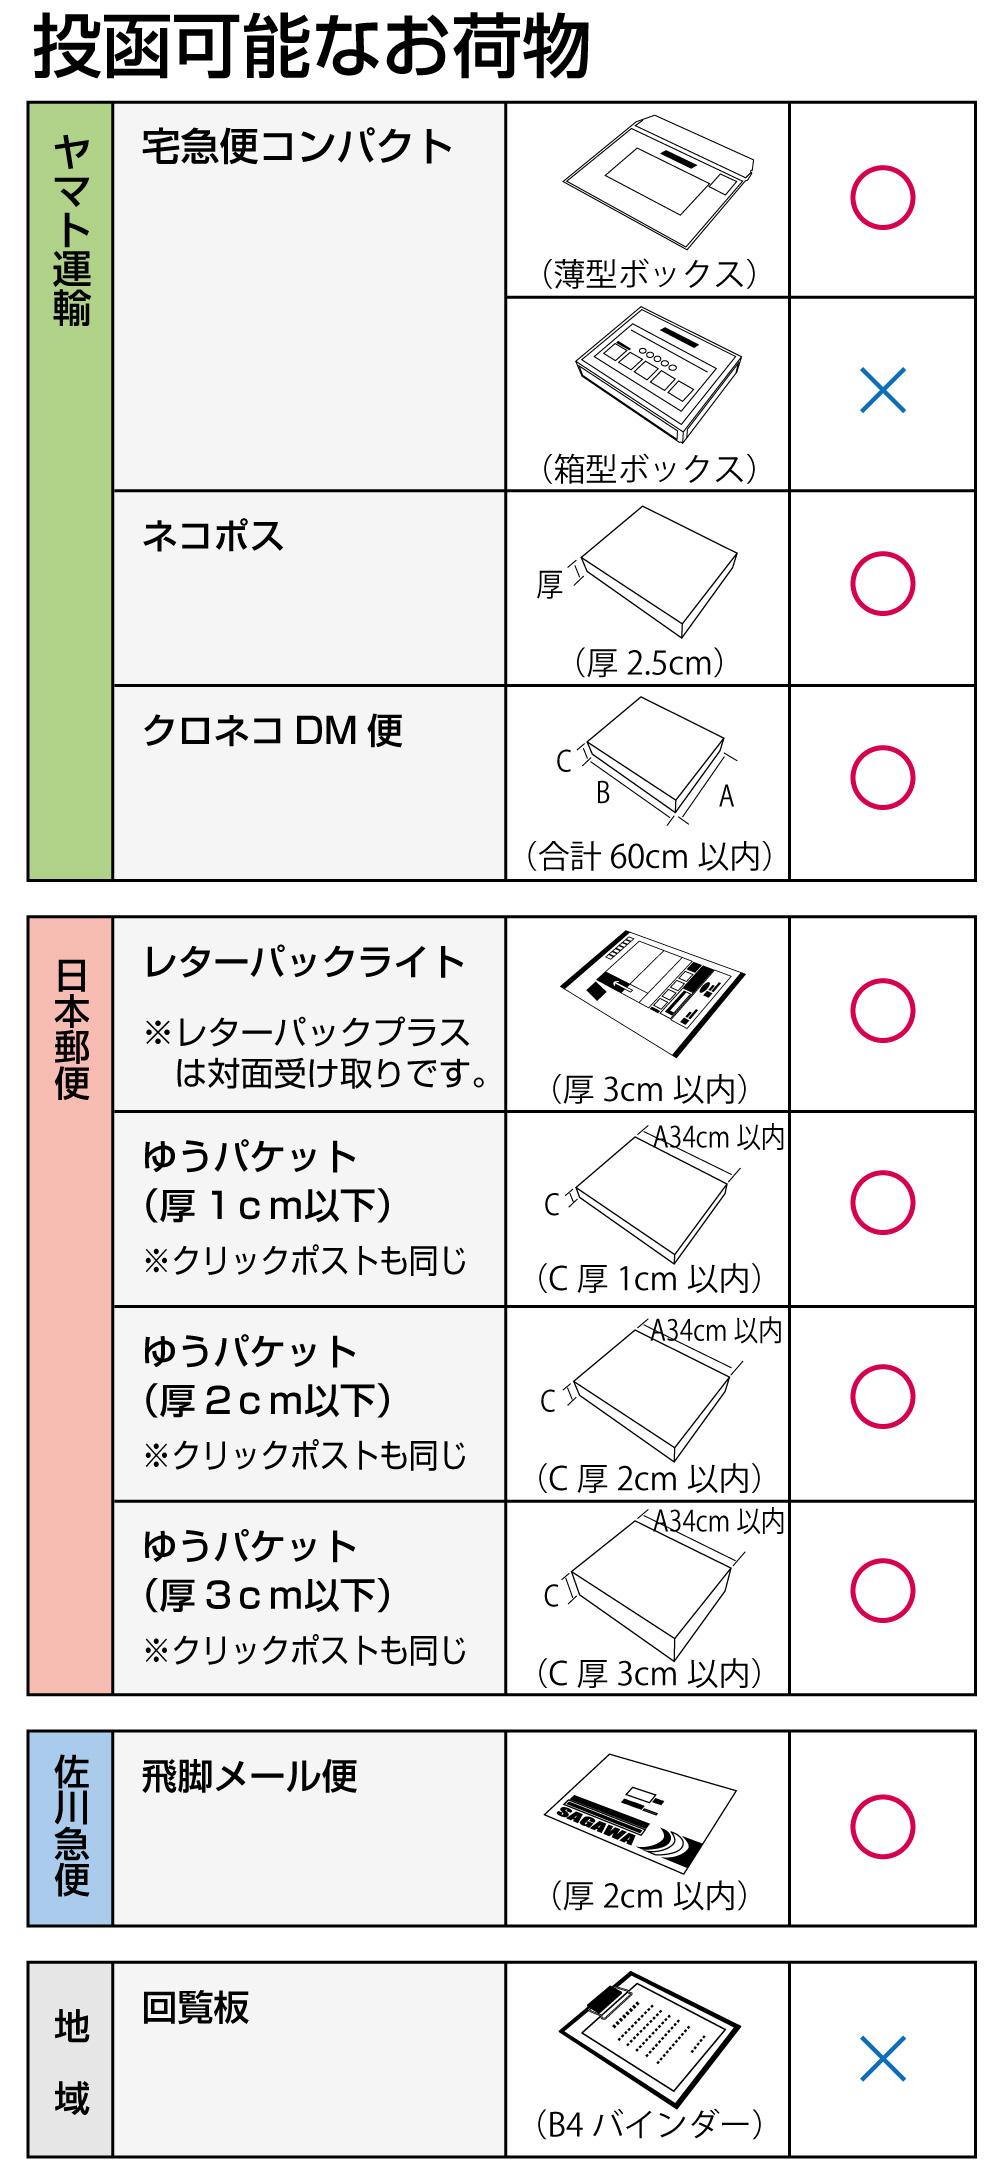 レオン MB0310 ステンレス 投函対応表